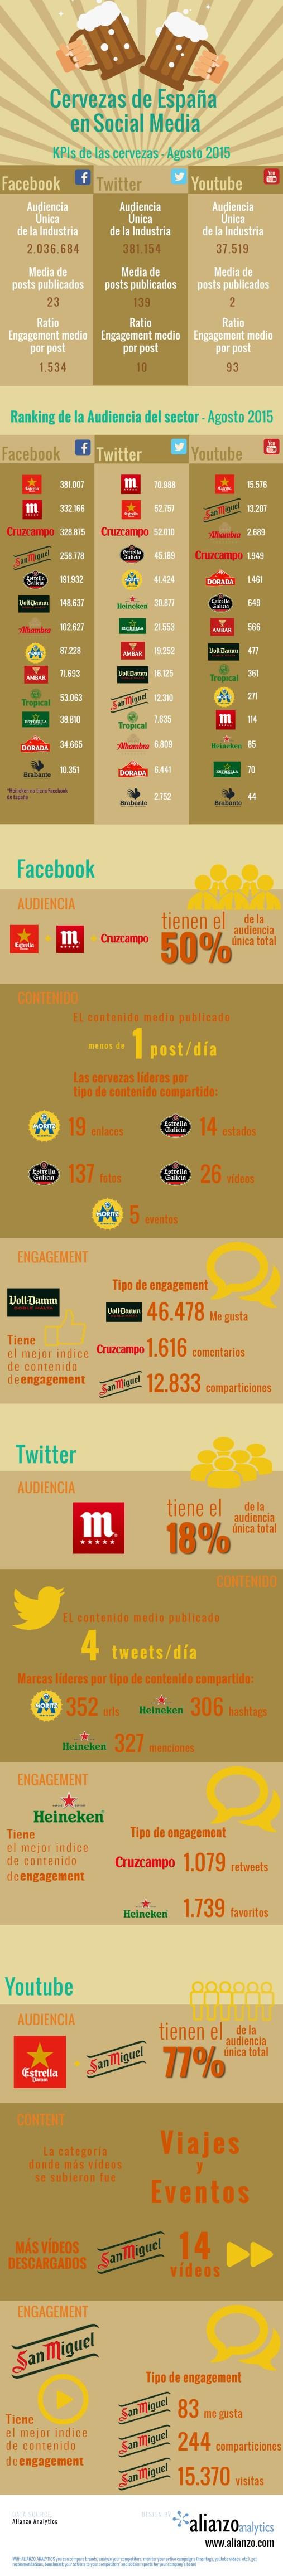 infografía cervezas España